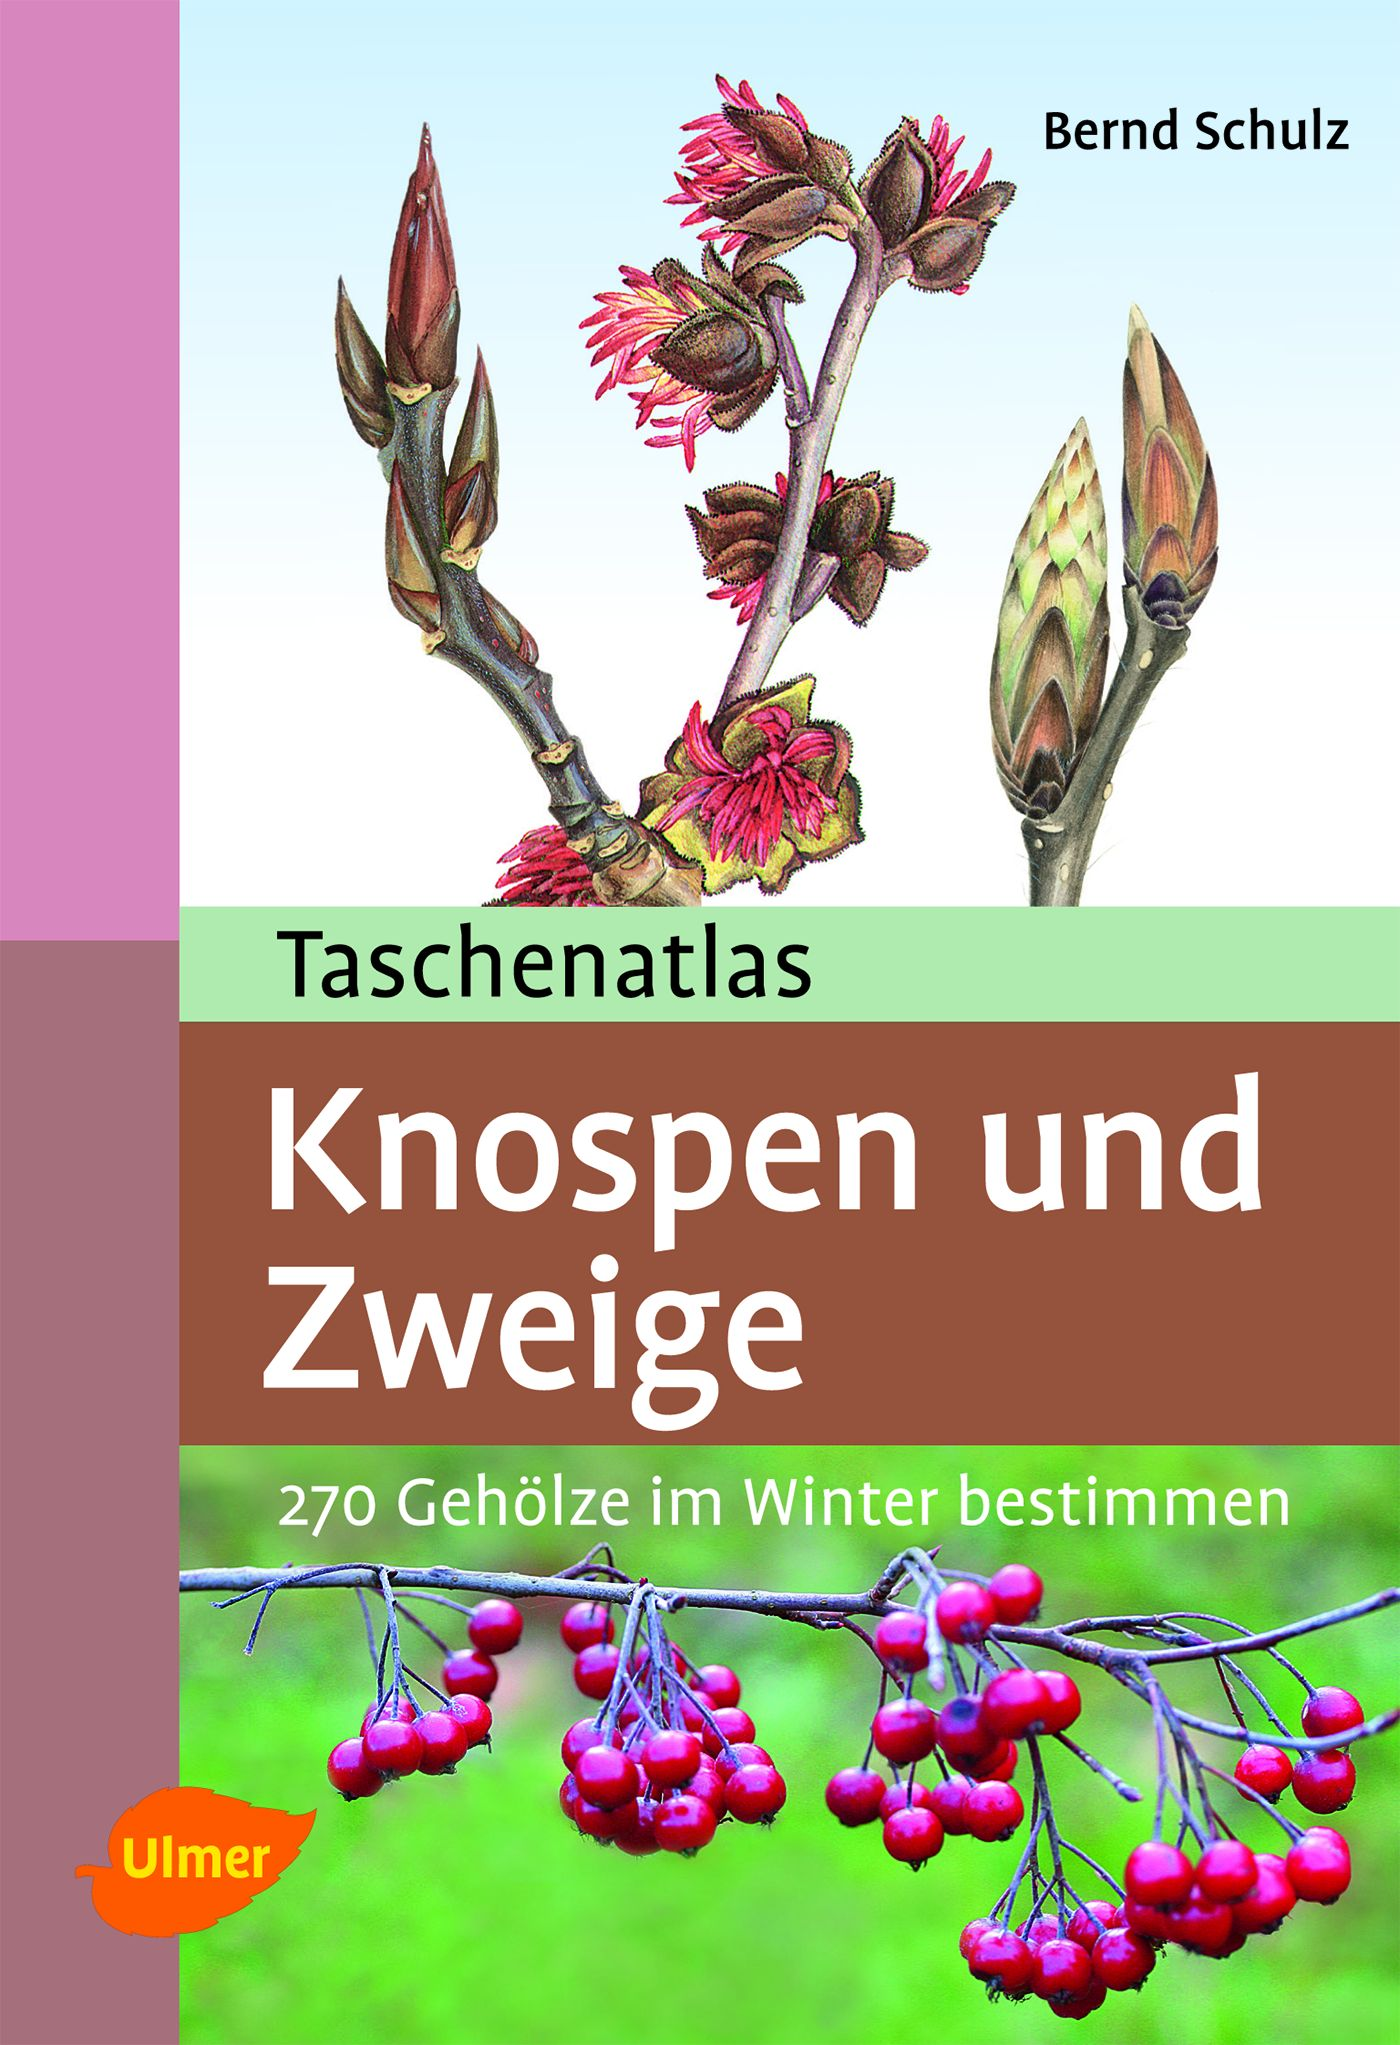 Taschenatlas Knospen und Zweige